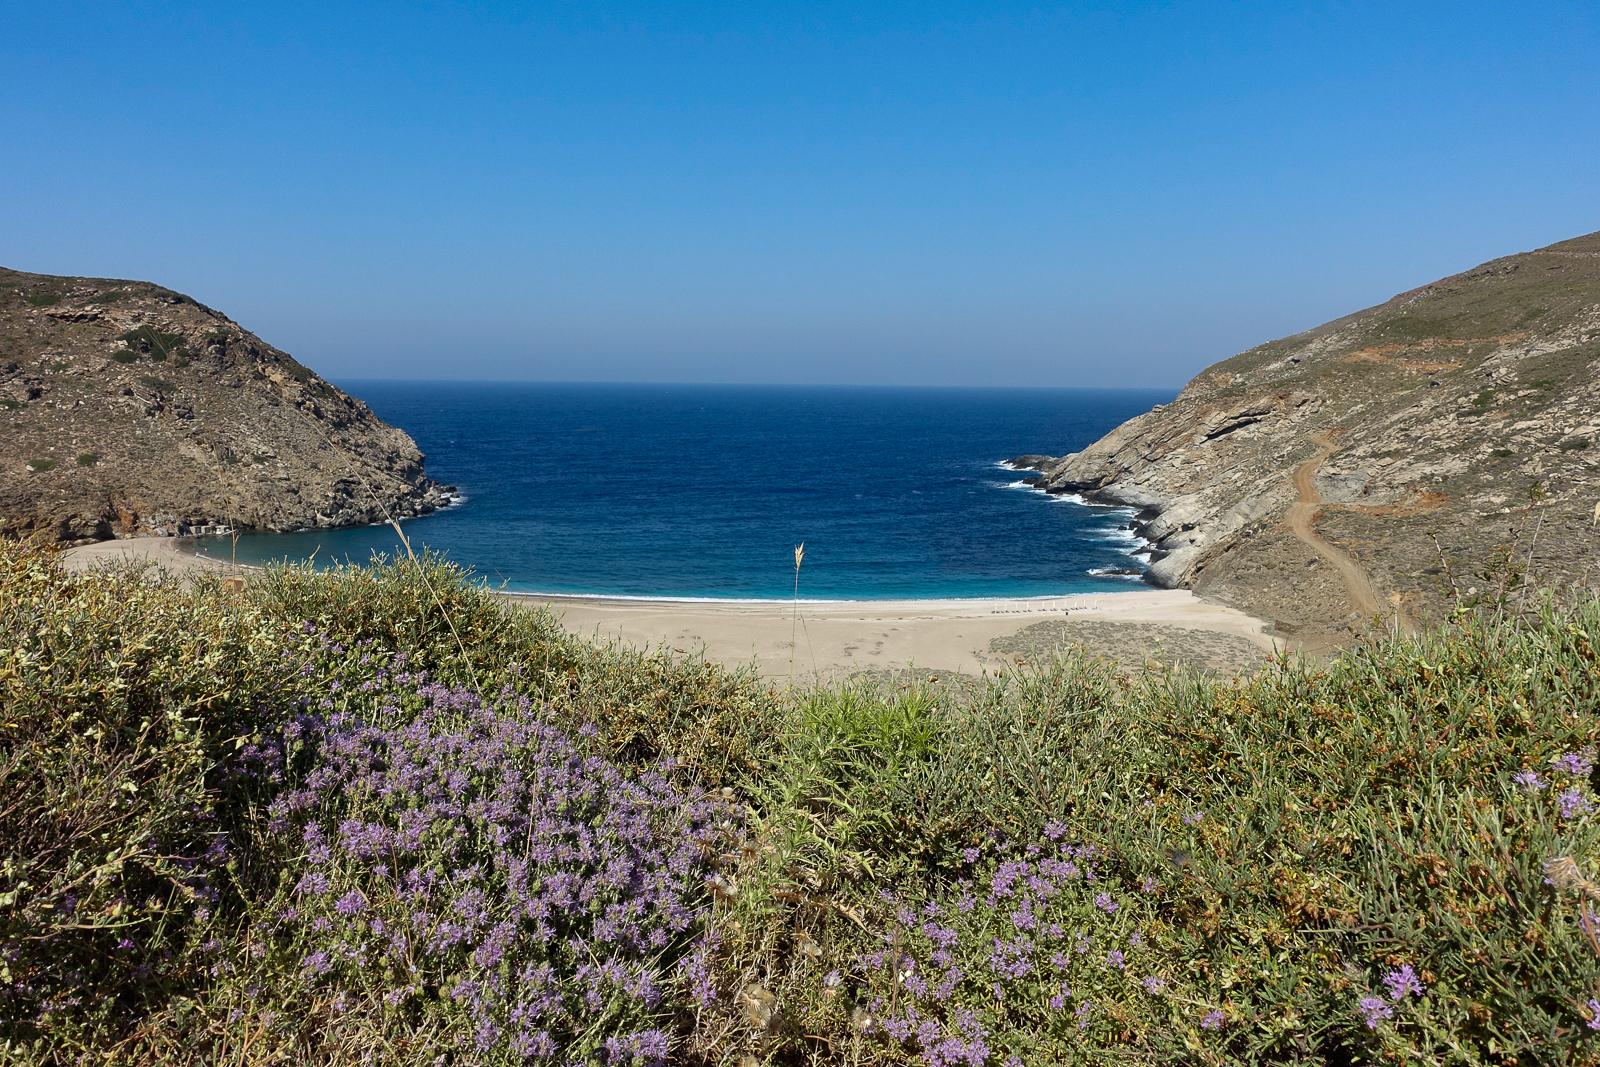 Itinéraire d'un voyages dans les Cyclades : Zorkos Bay, Andros. Partis pour les Cyclades